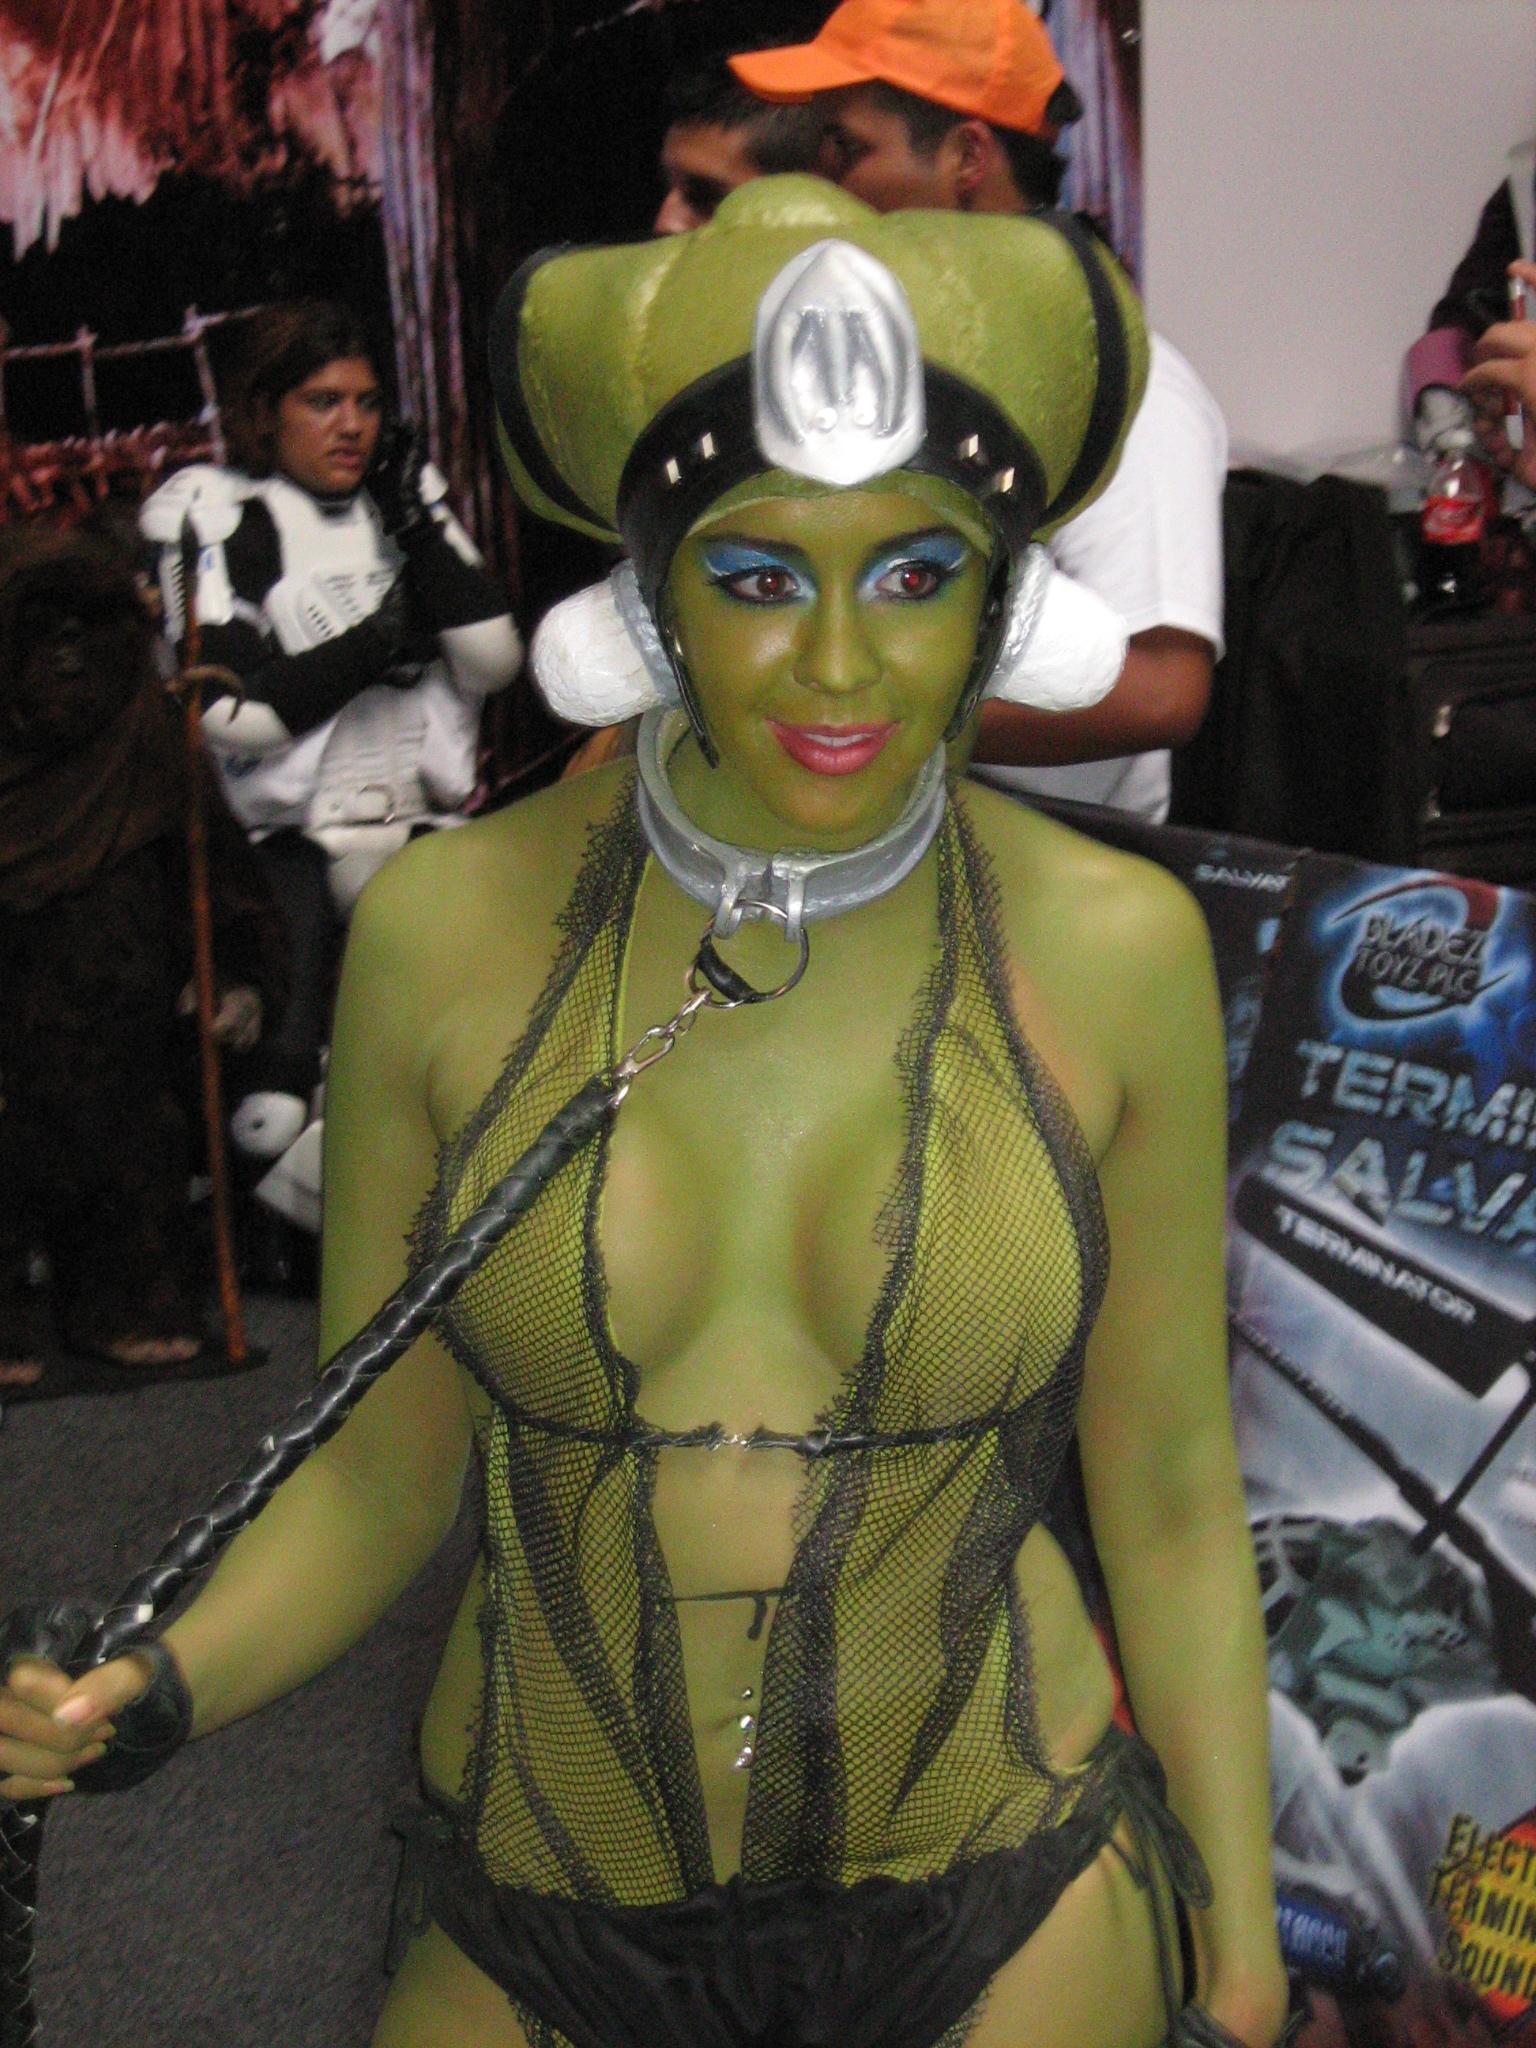 Nude cosplay star wars oola